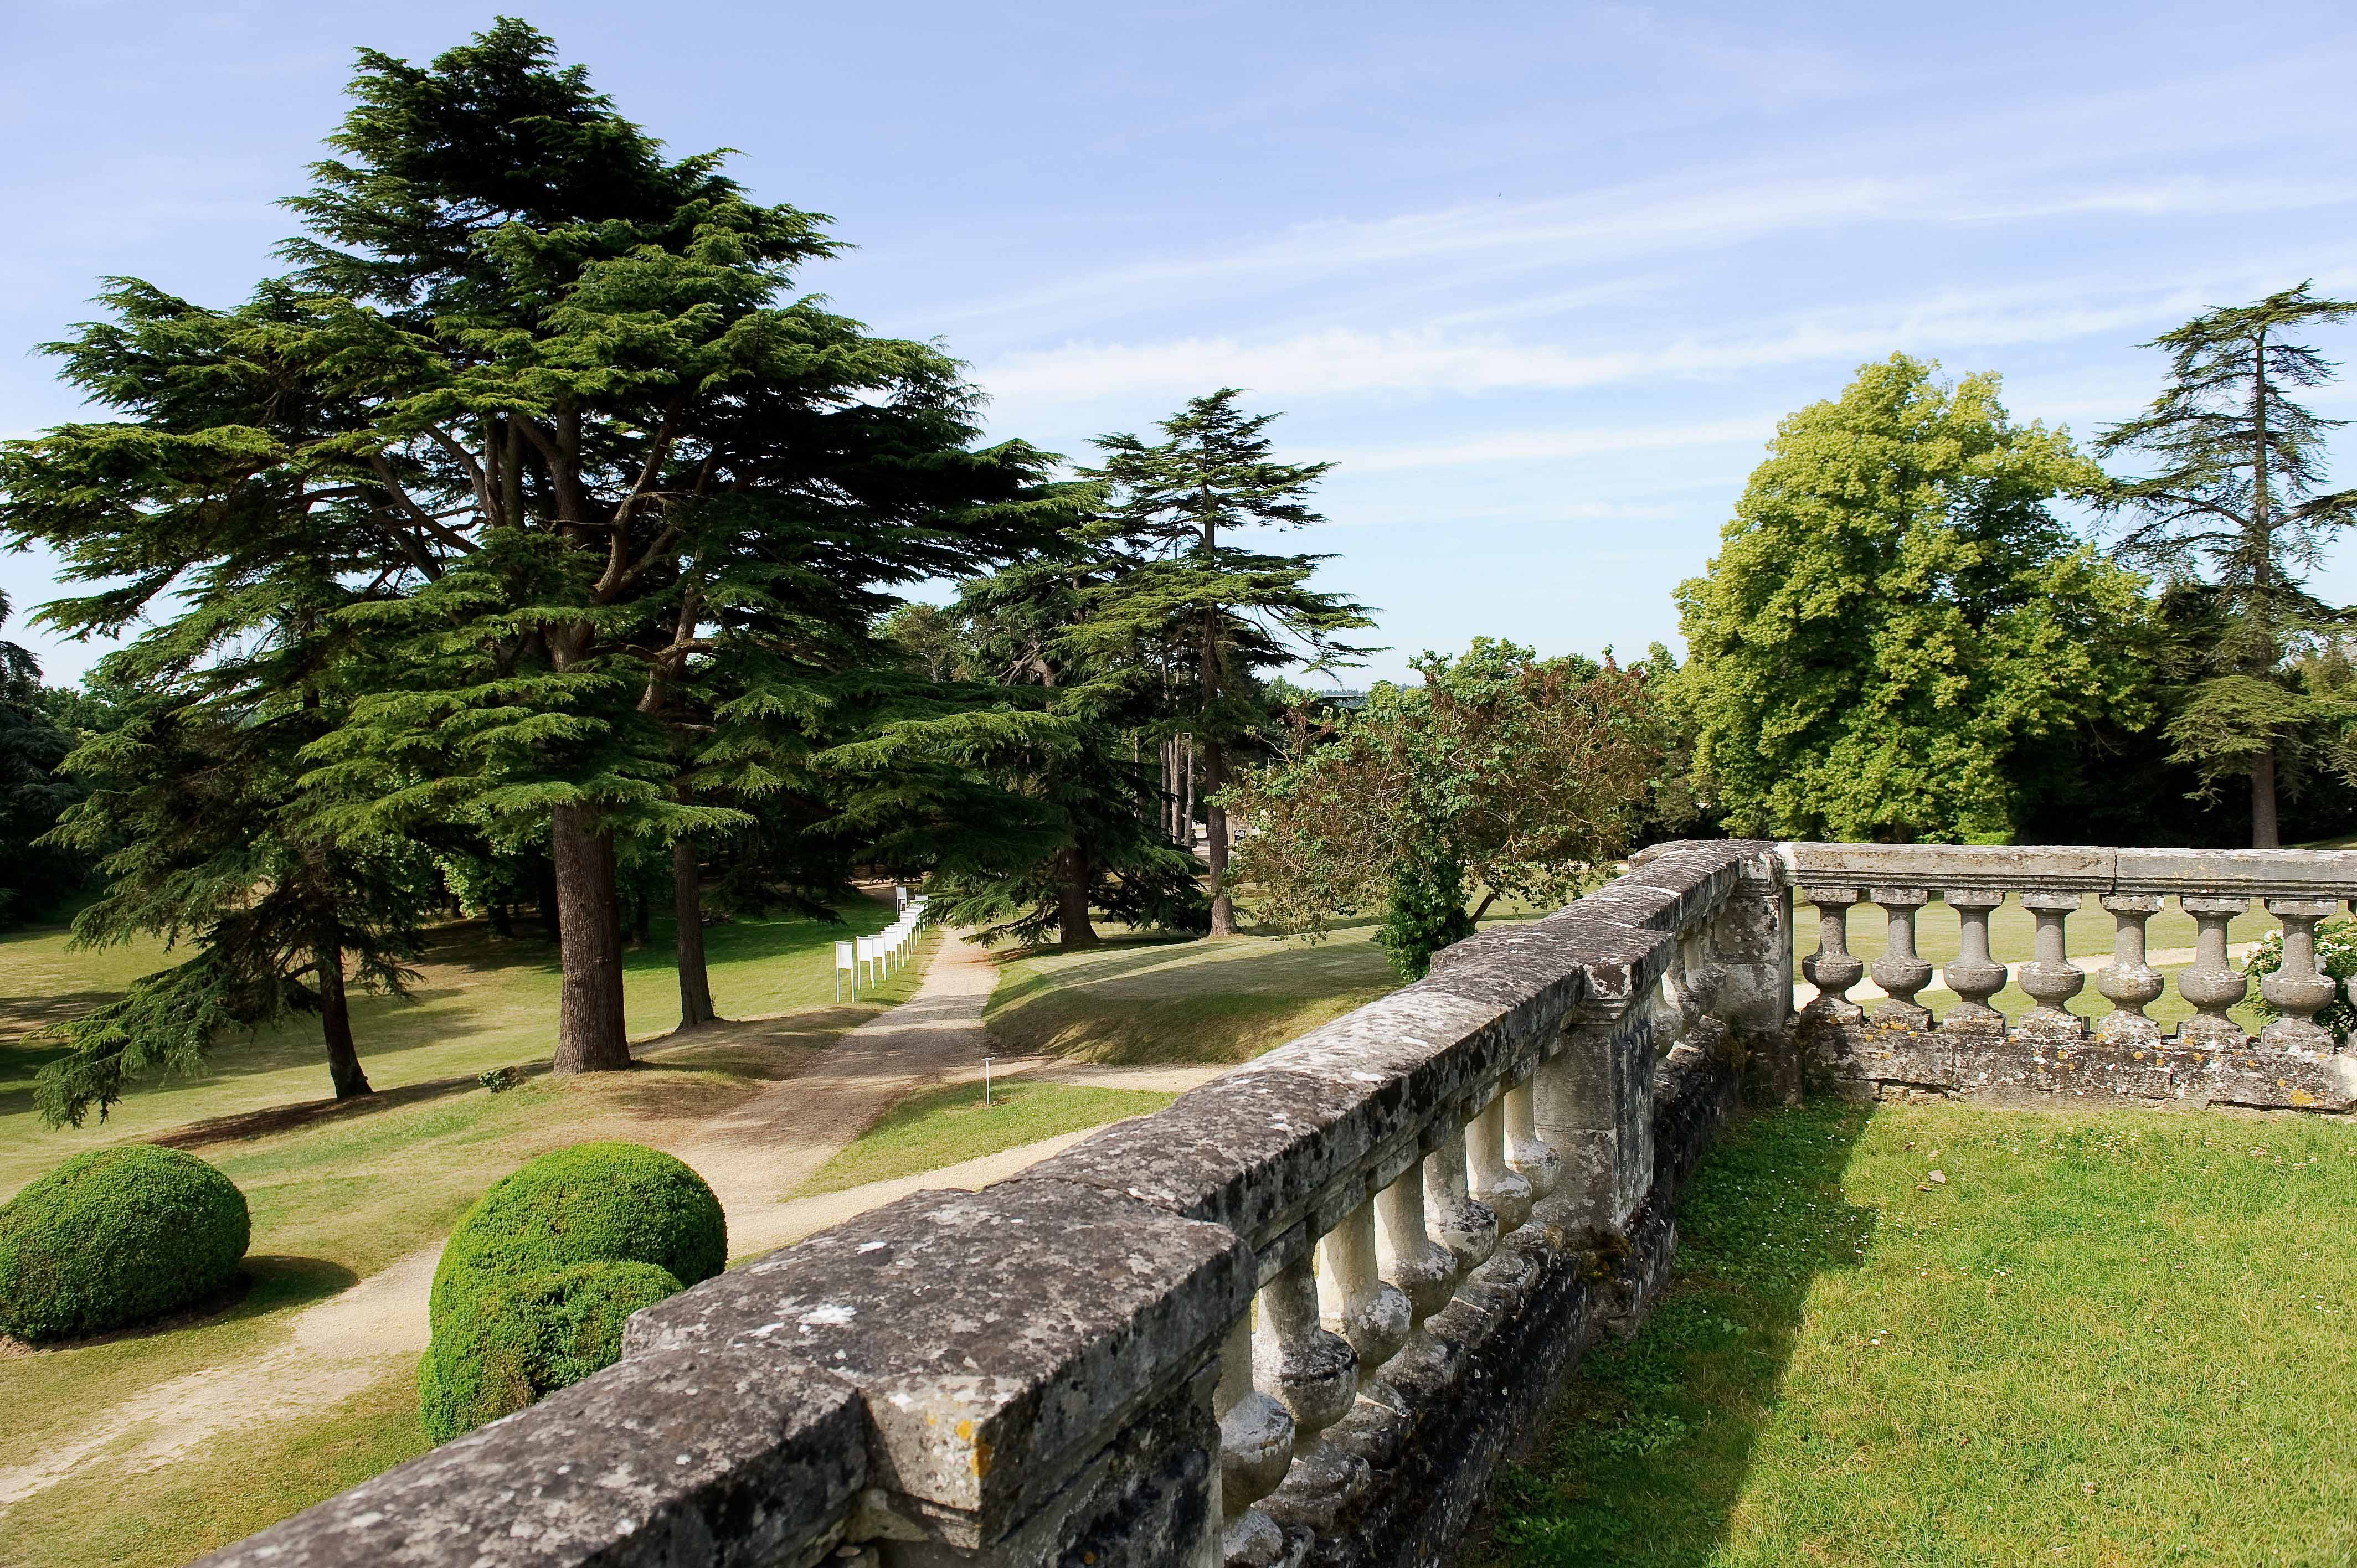 Parc et jardin du ch teau de la bourdaisi re parcs et jardins en r gion centre - Parcs et jardins de france ...